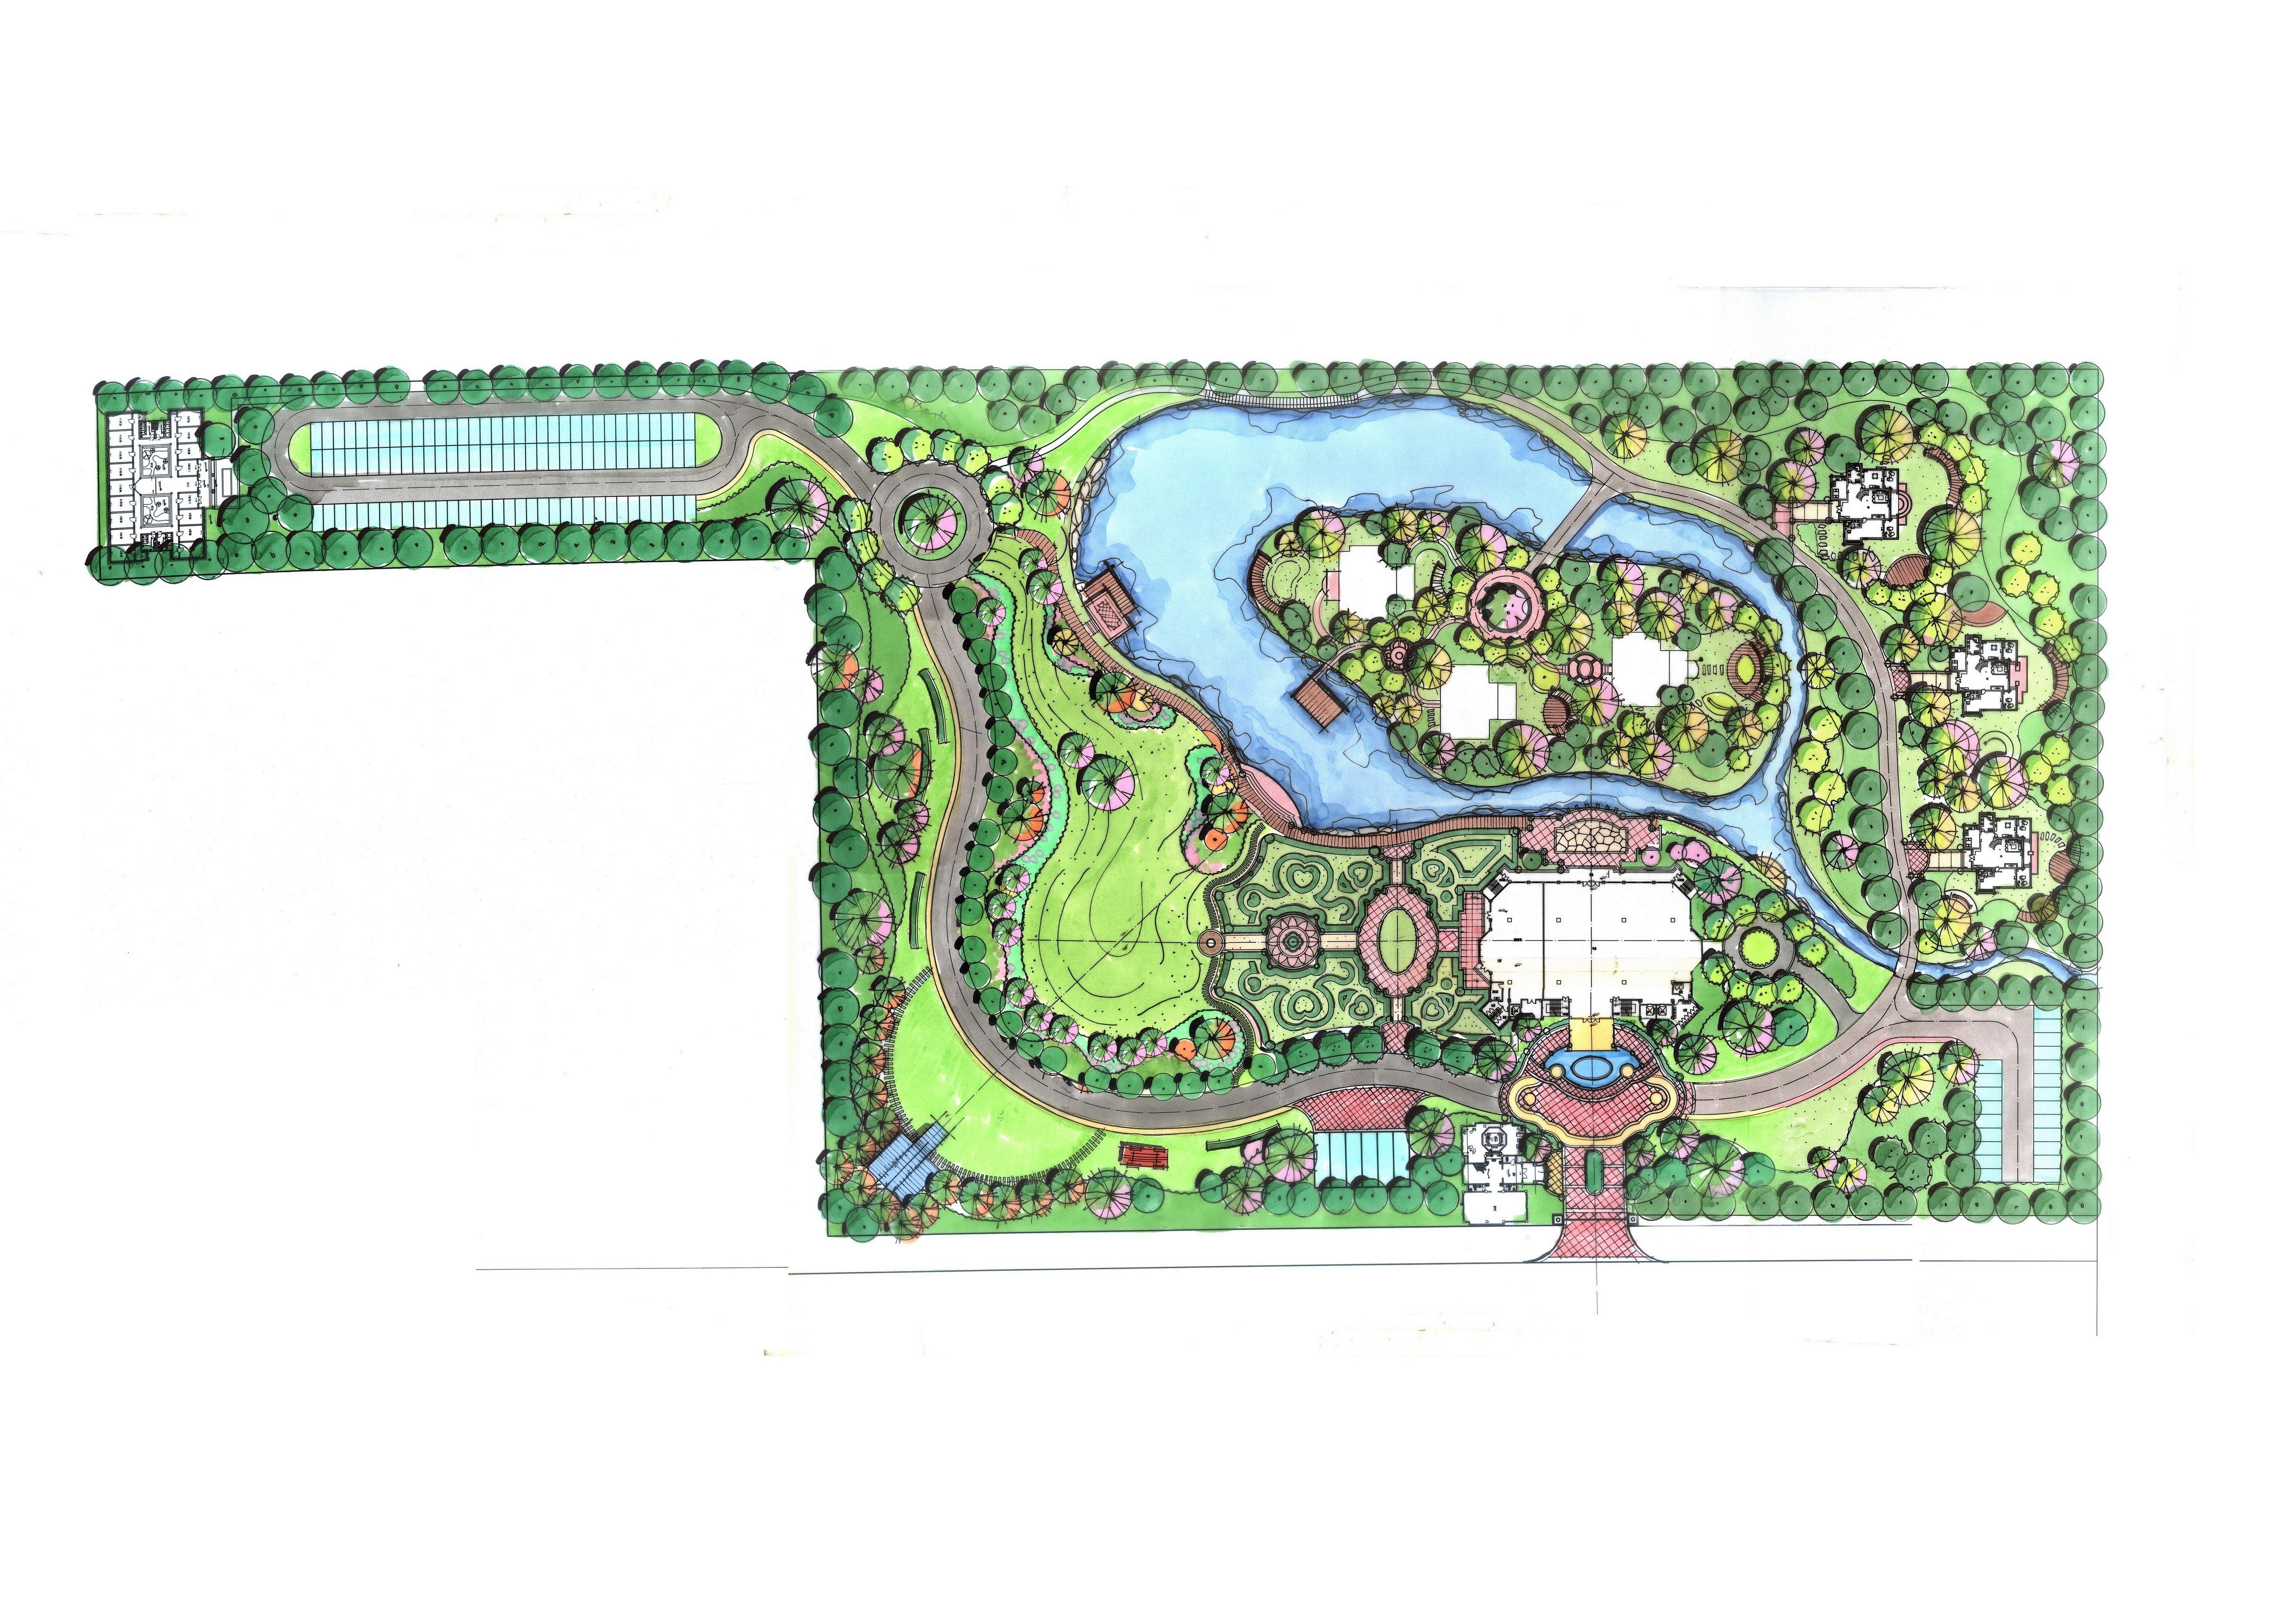 爱玛宫婚礼公园 - 餐饮空间 - 周诗晔设计作品案例